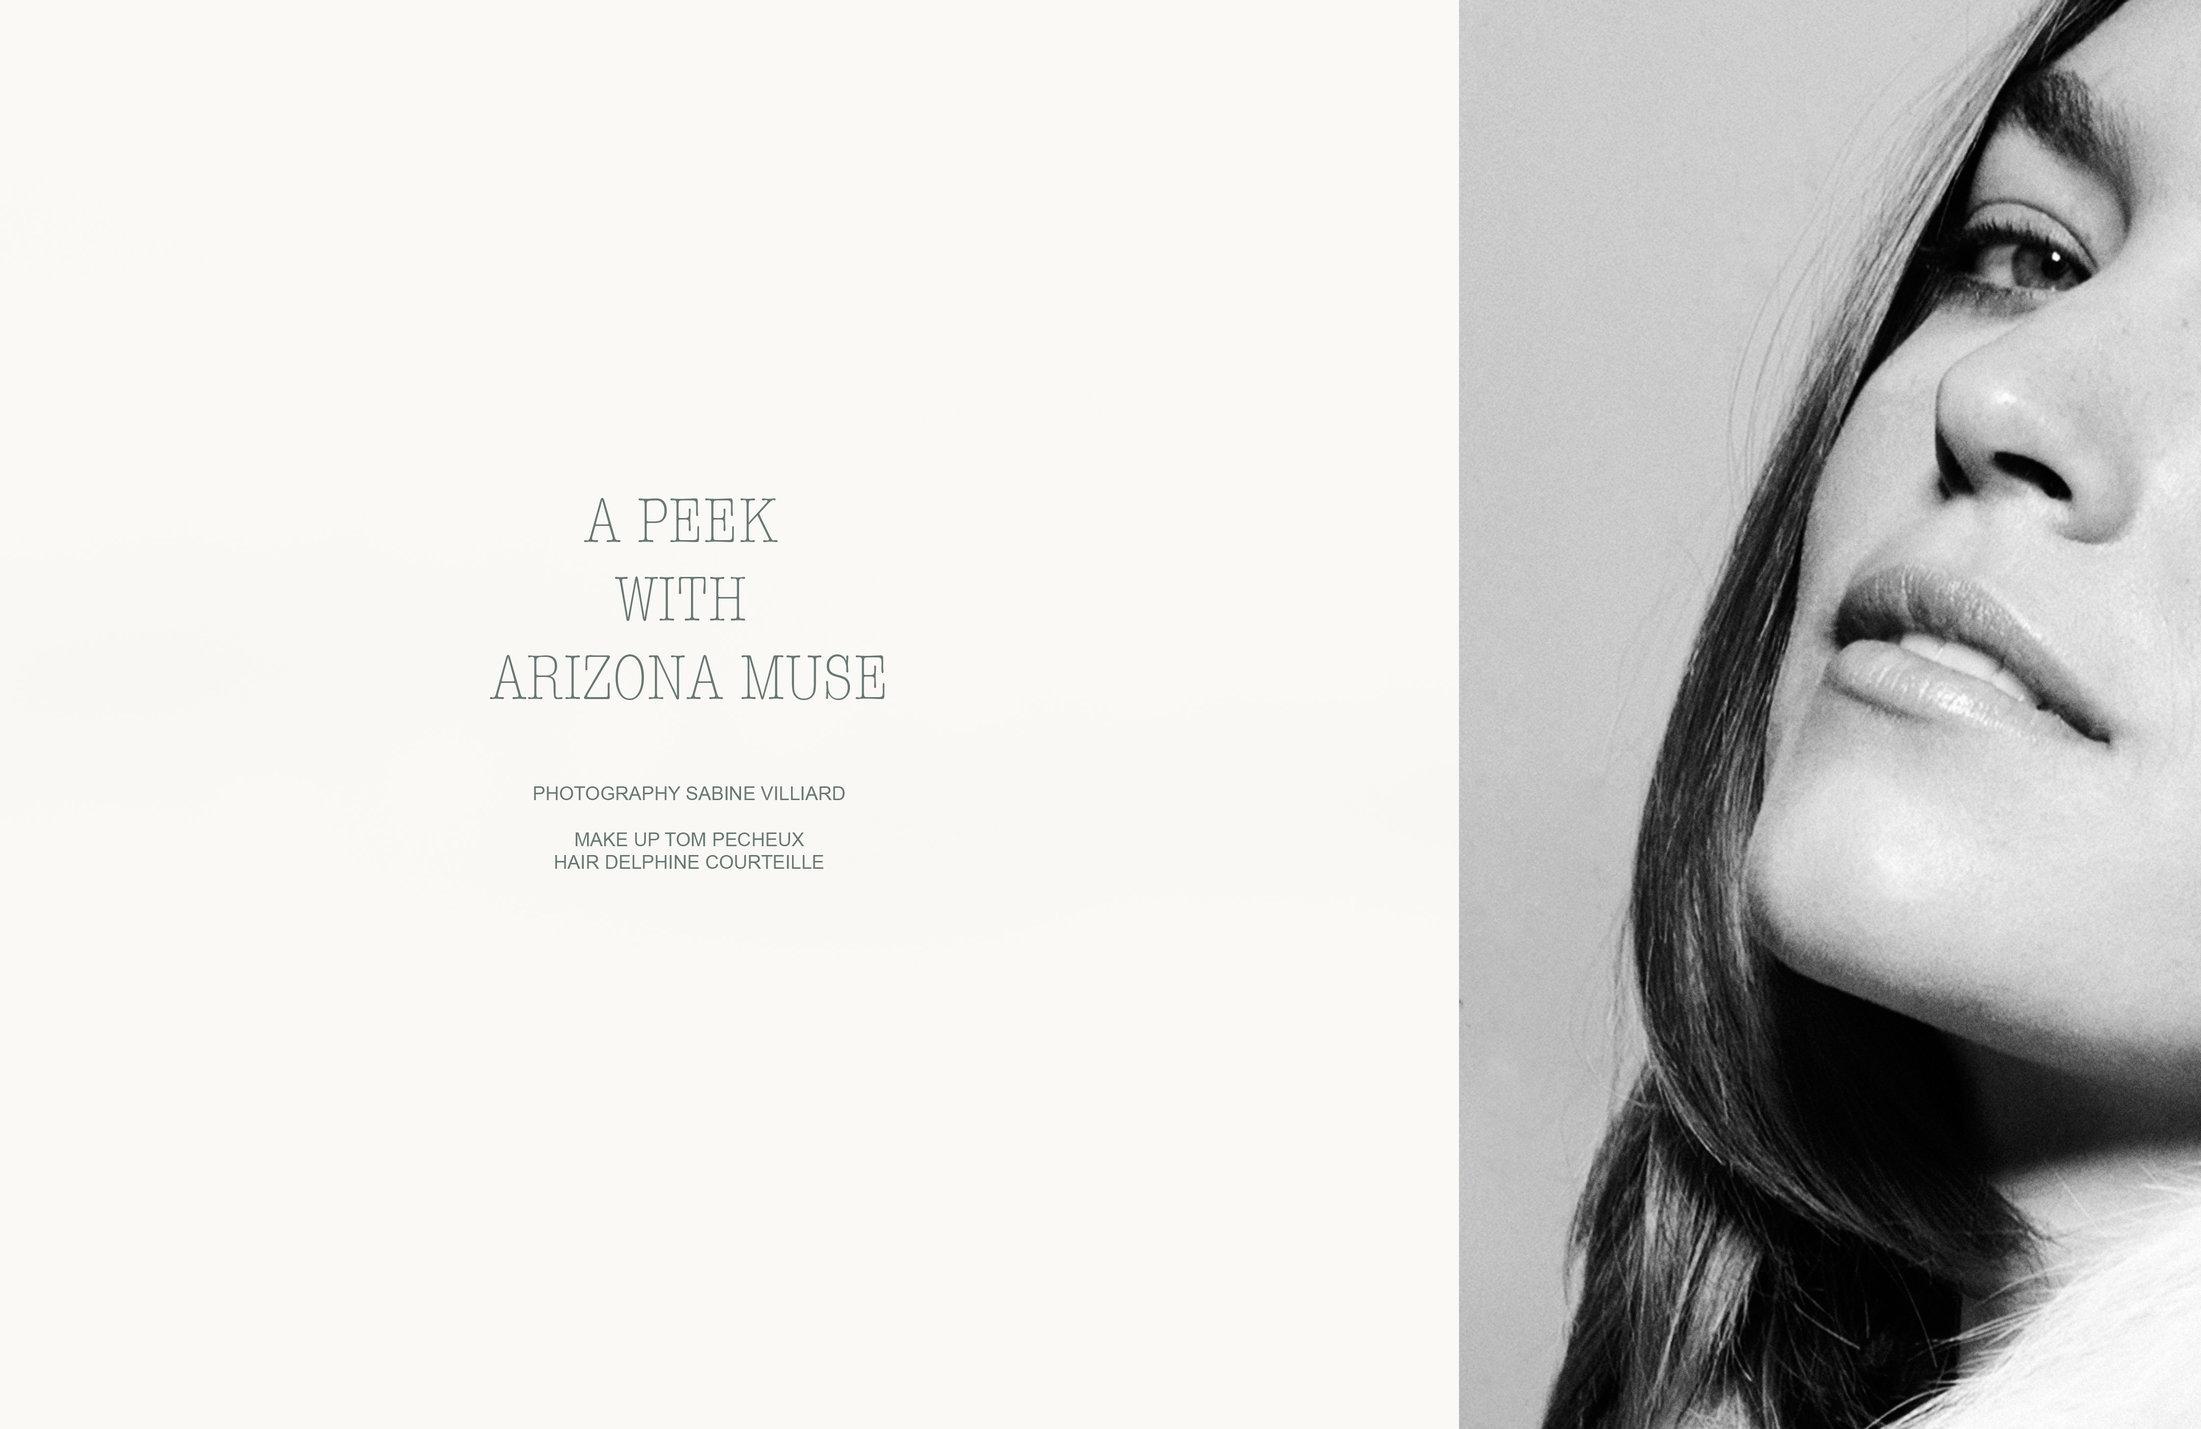 ARIZONA MUSE - SABINE VILLIARD -01.jpg